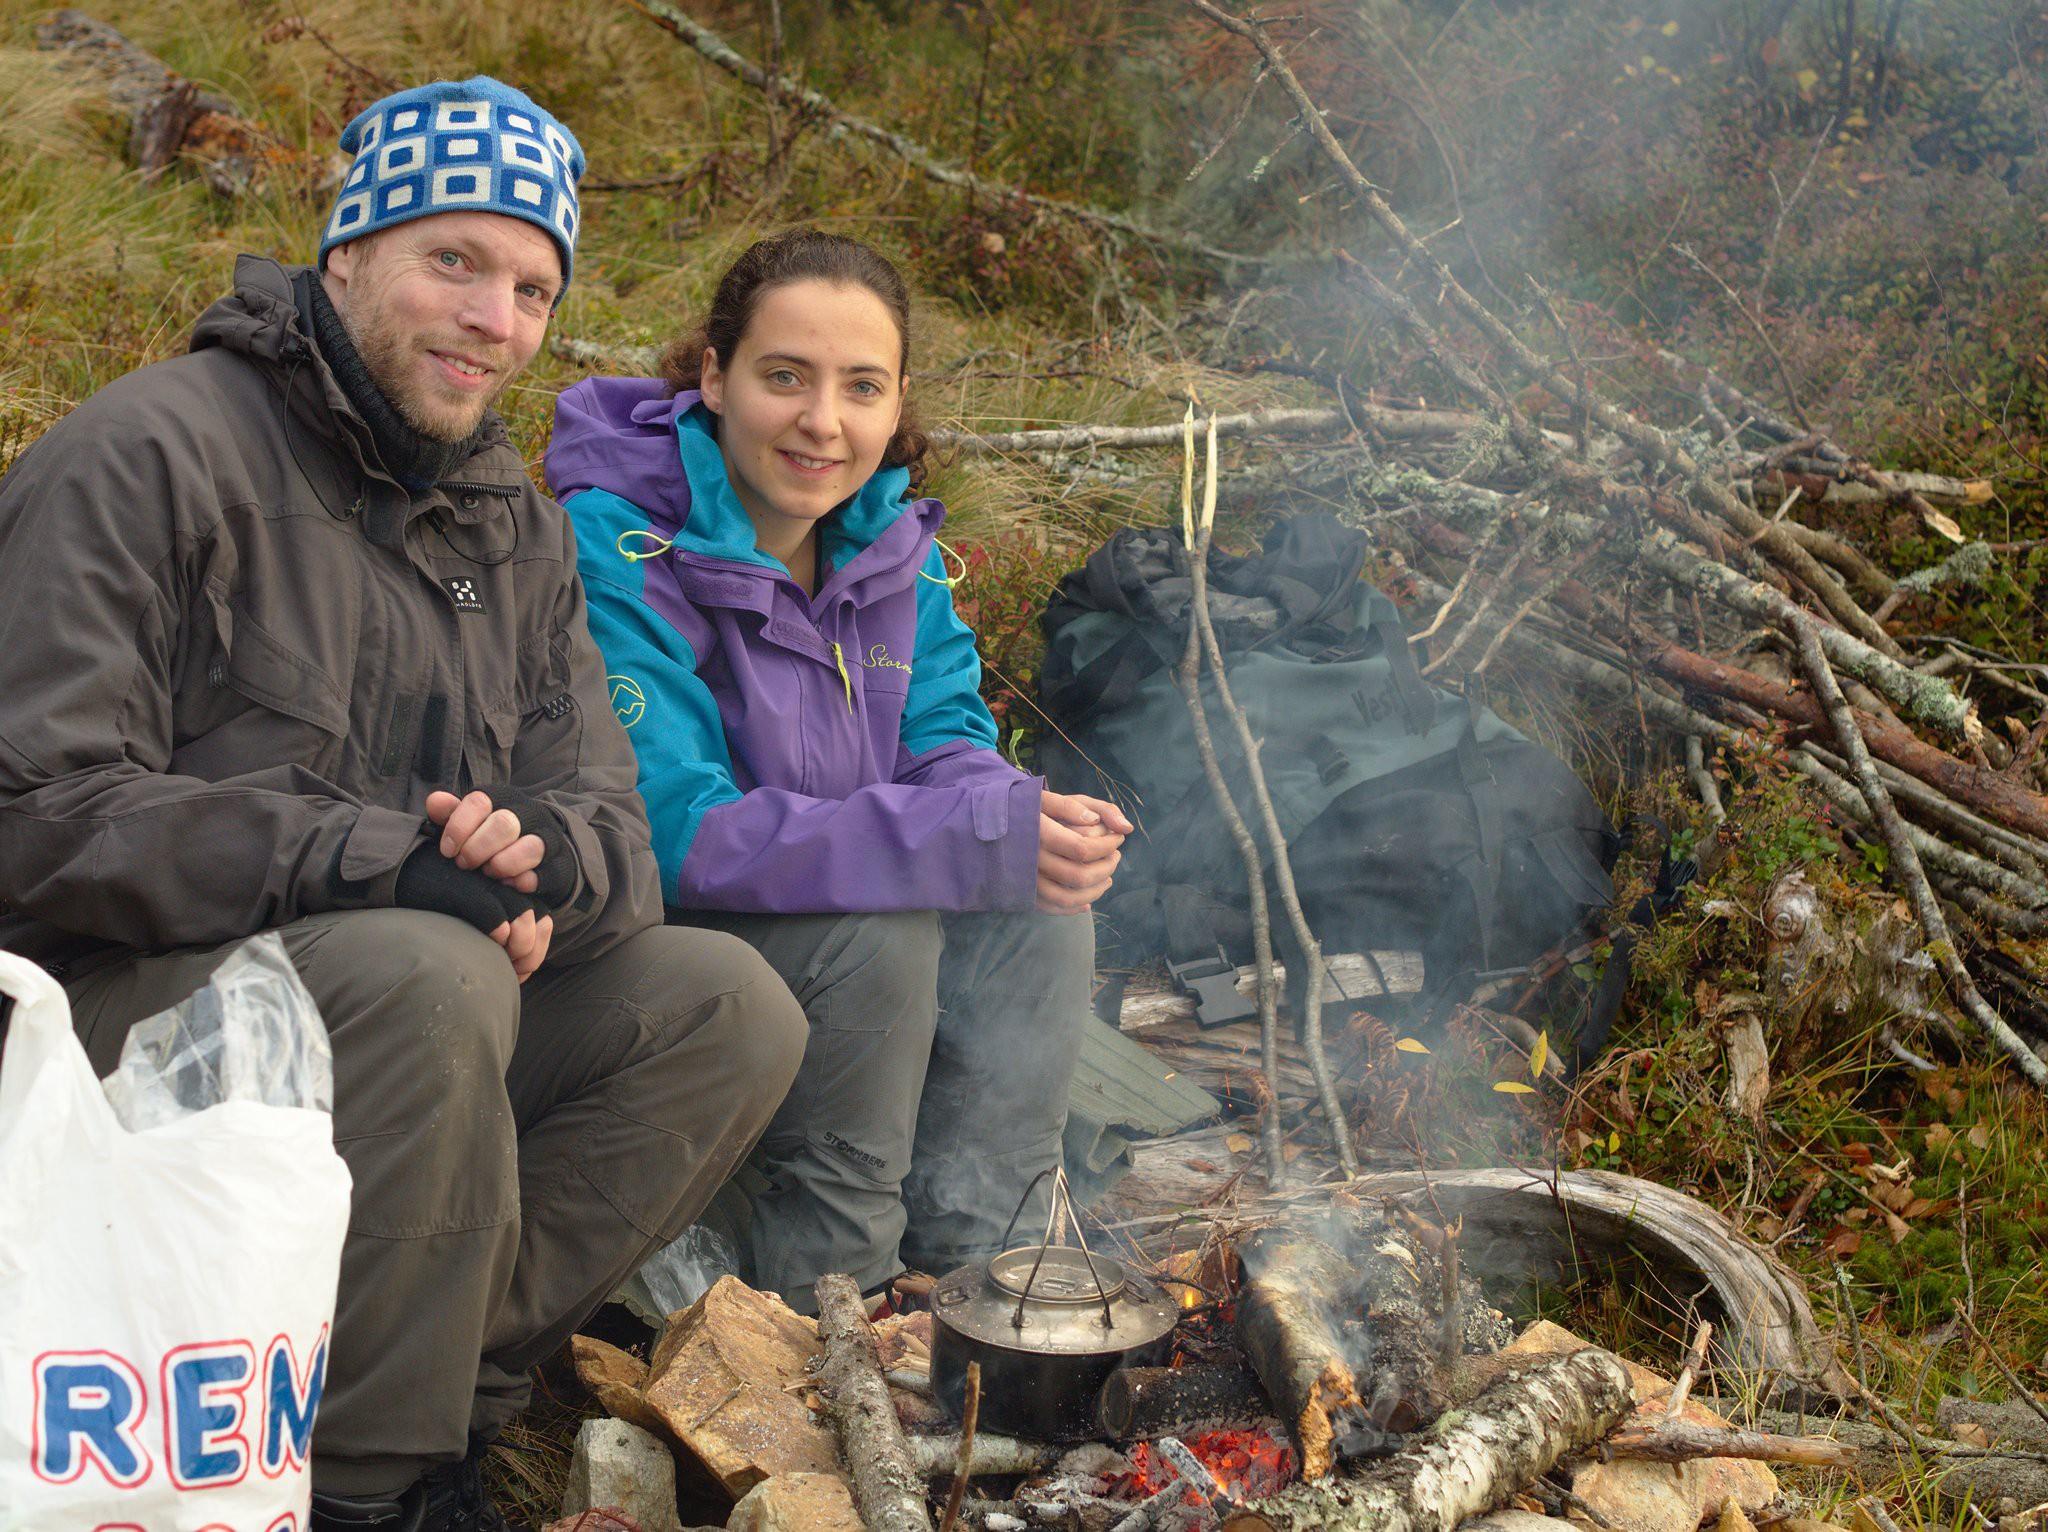 Lang frokost ved bålet